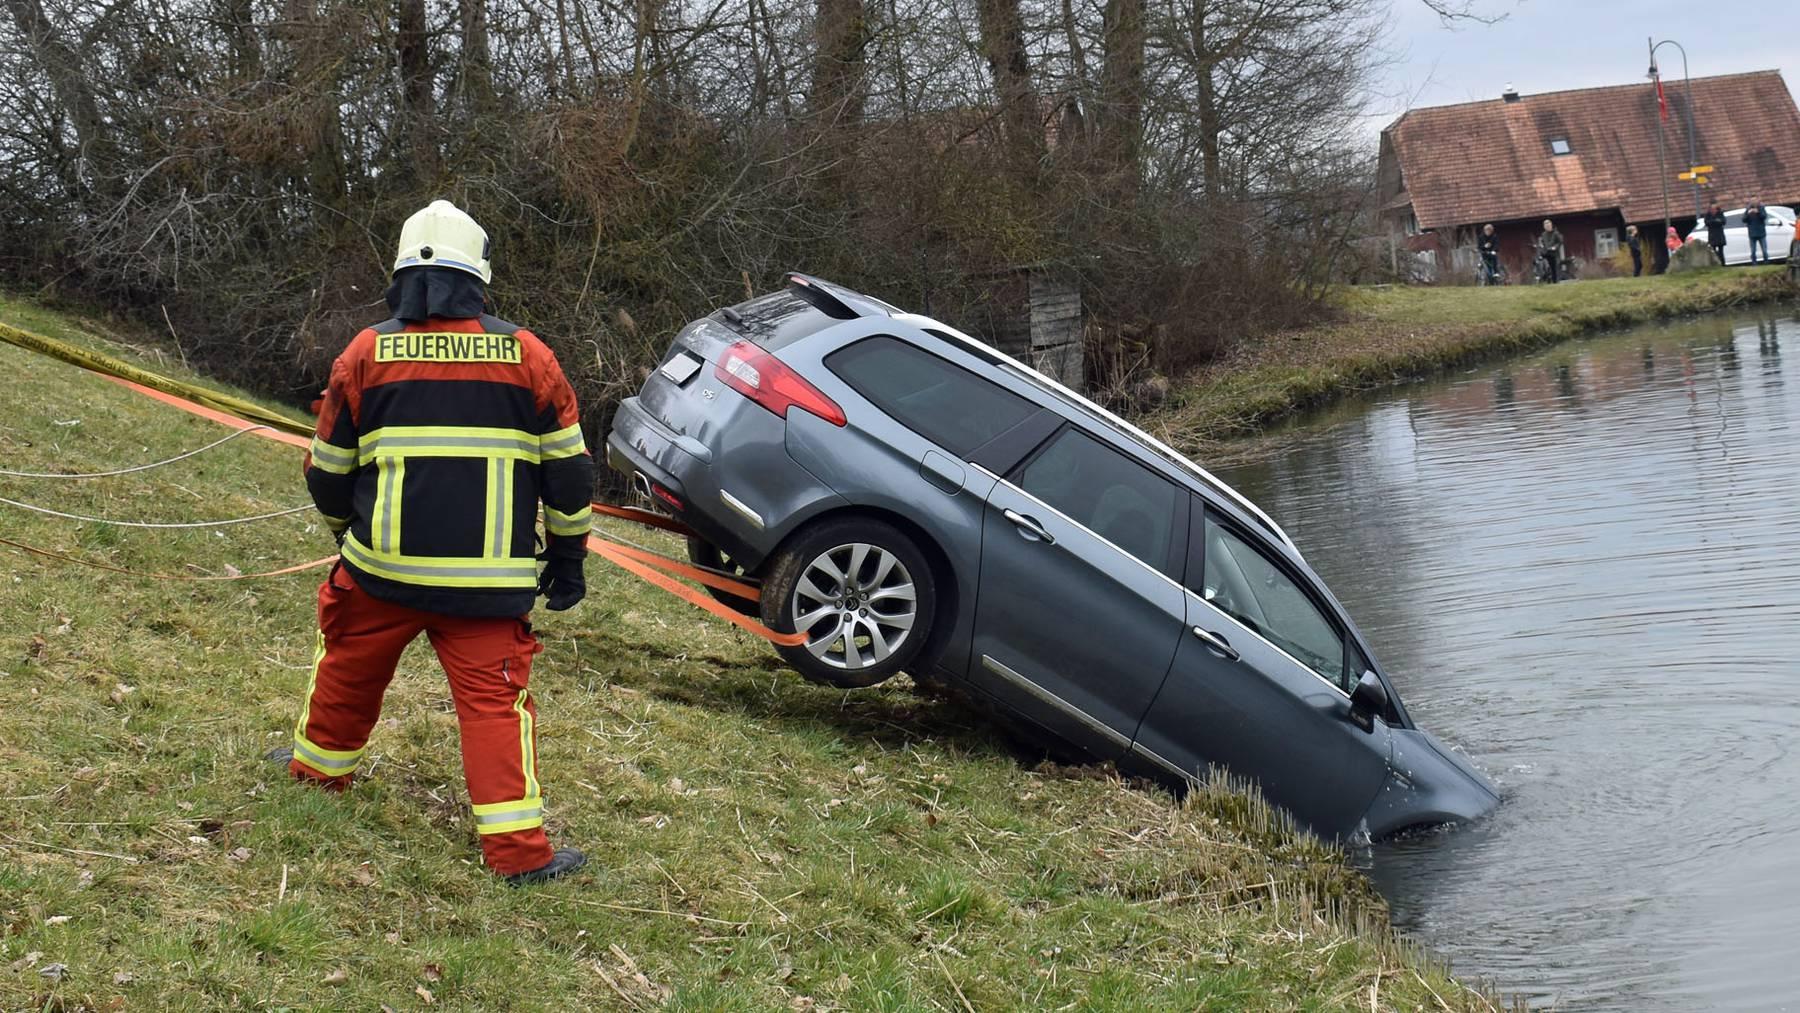 Der Citroën musste durch die Feuerwehr aus dem Weiher gezogen werden.